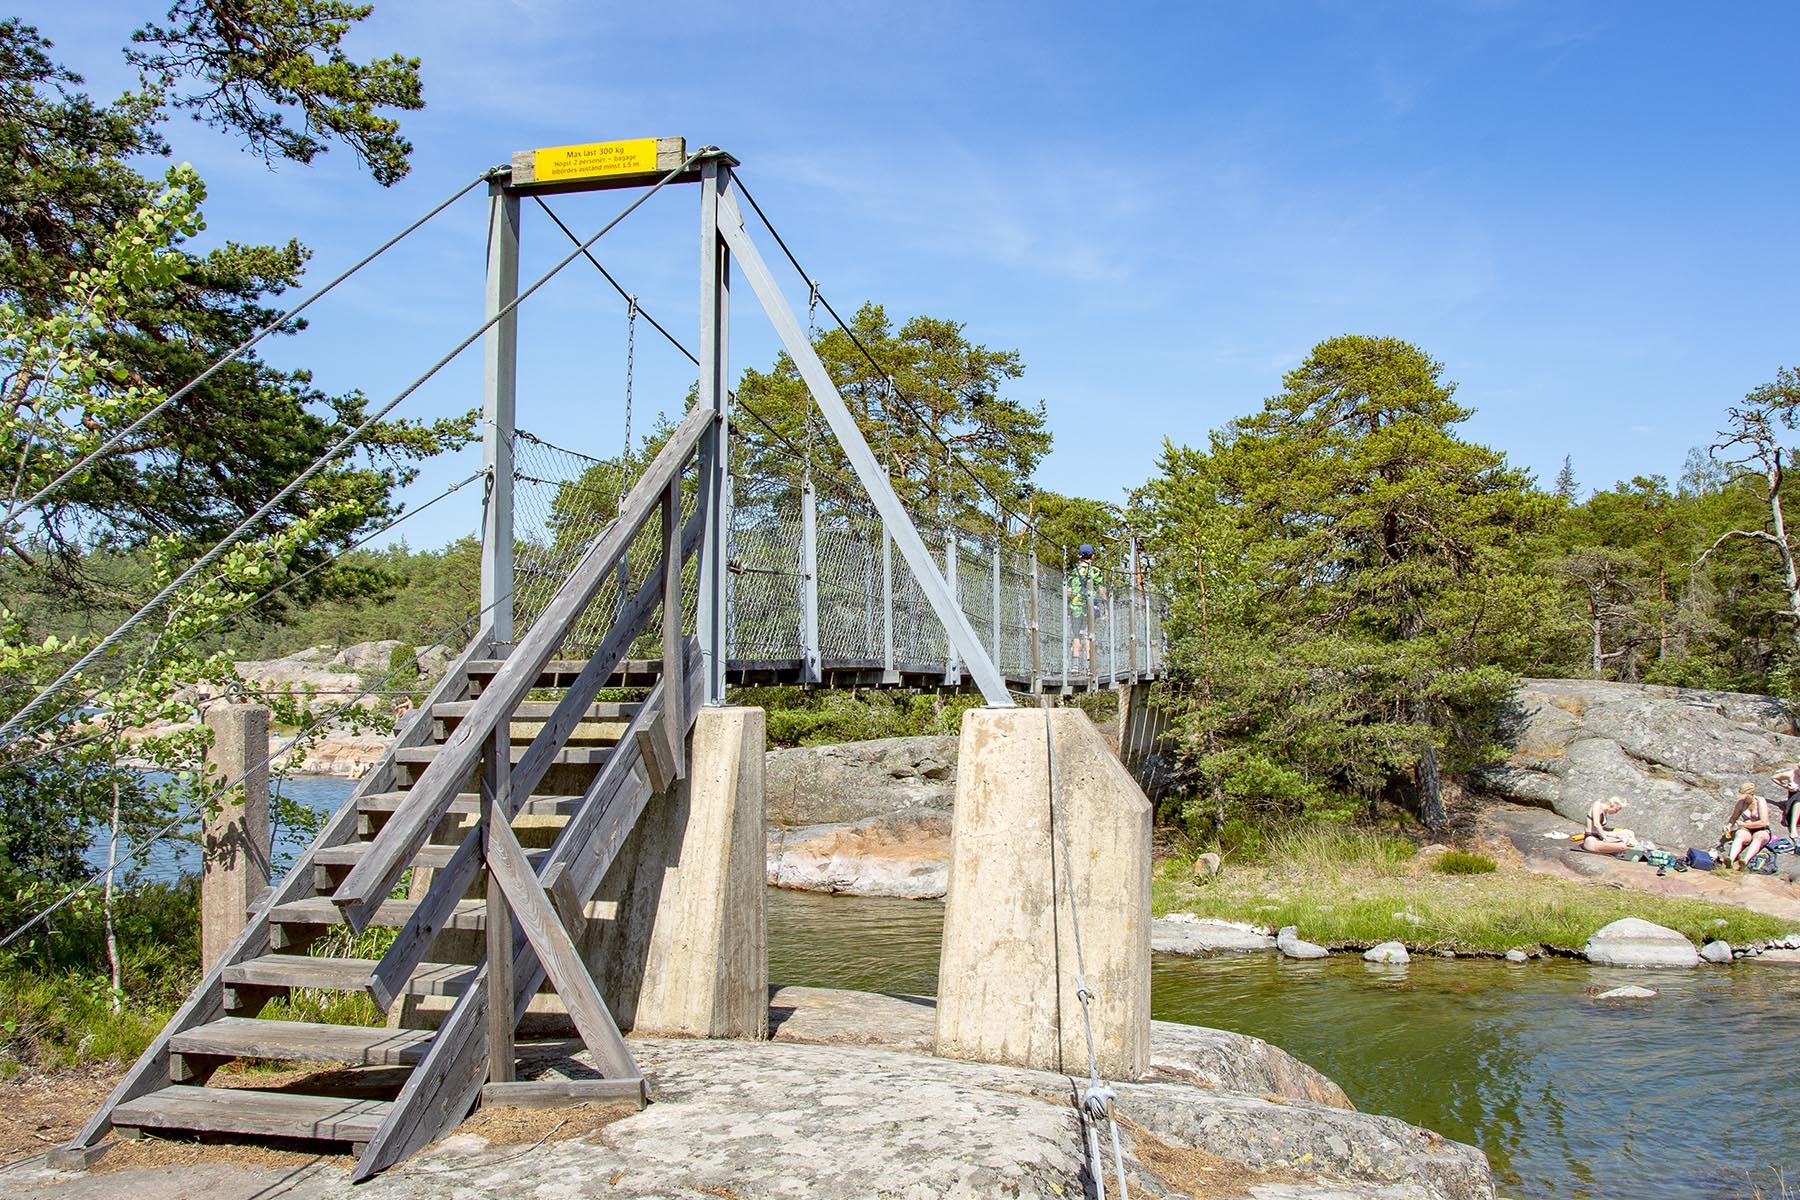 Stendörrens naturreservat och hängbro på ön Äspskär.